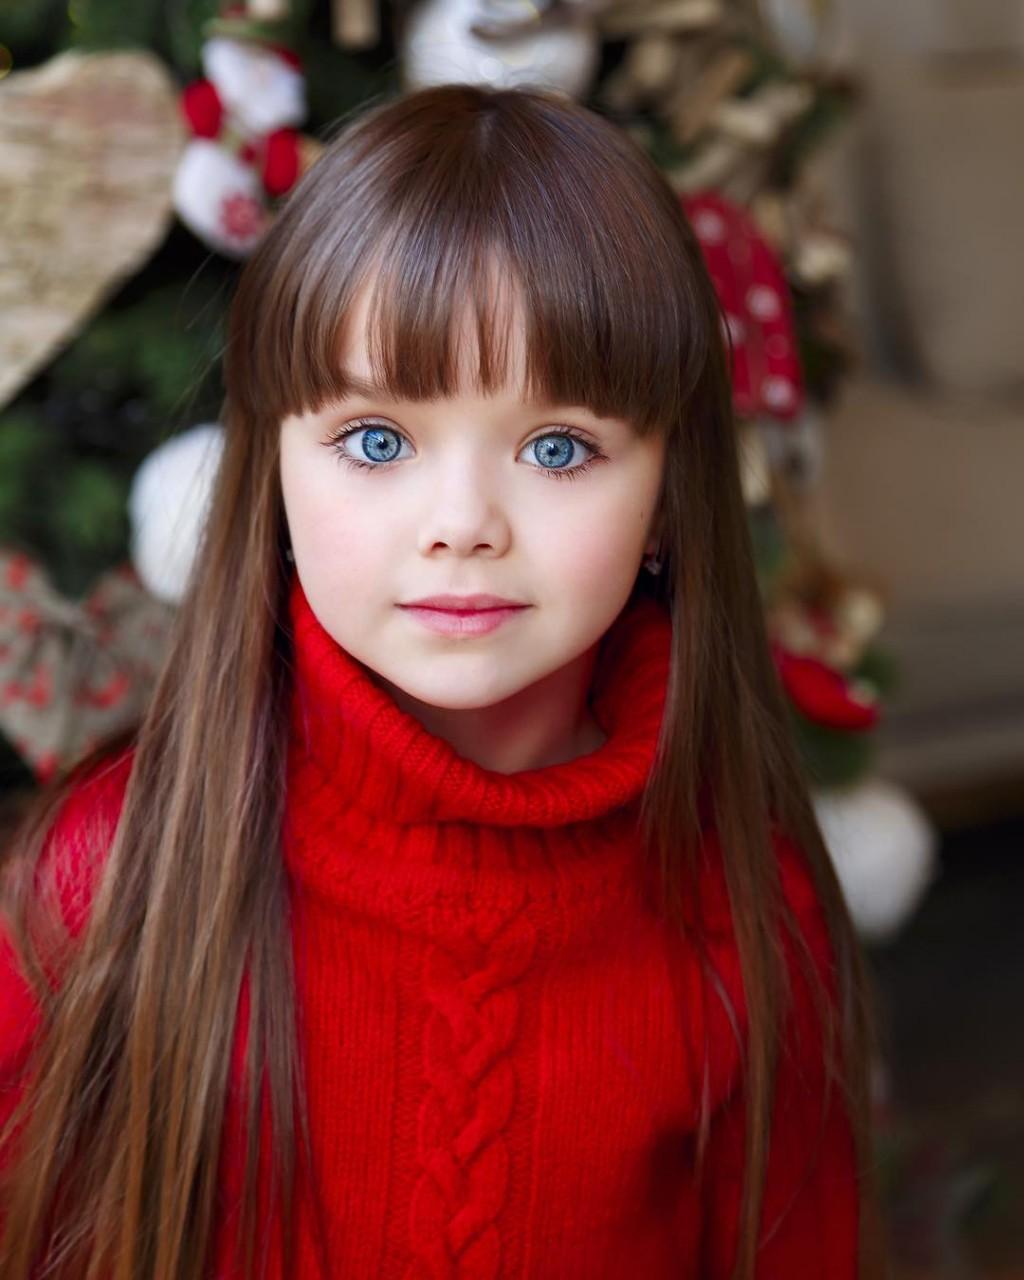 Самые красивые девушки мира фото с именами